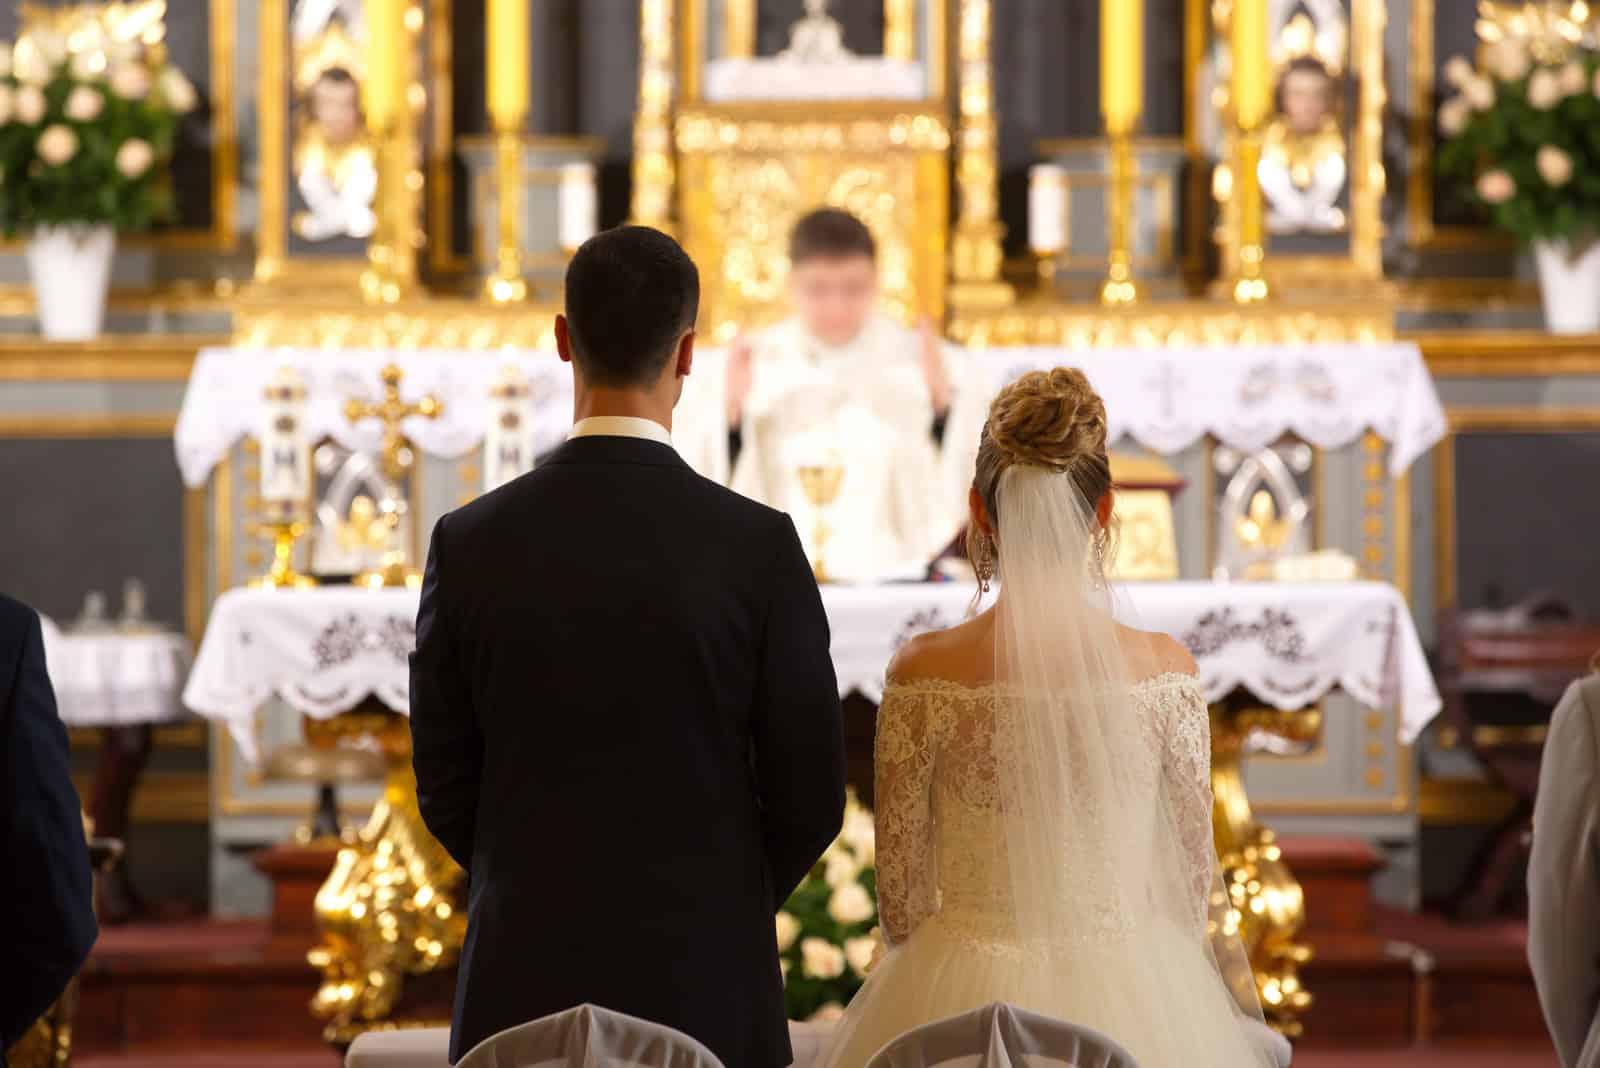 Priester feiern Hochzeitsmesse in der Kirche